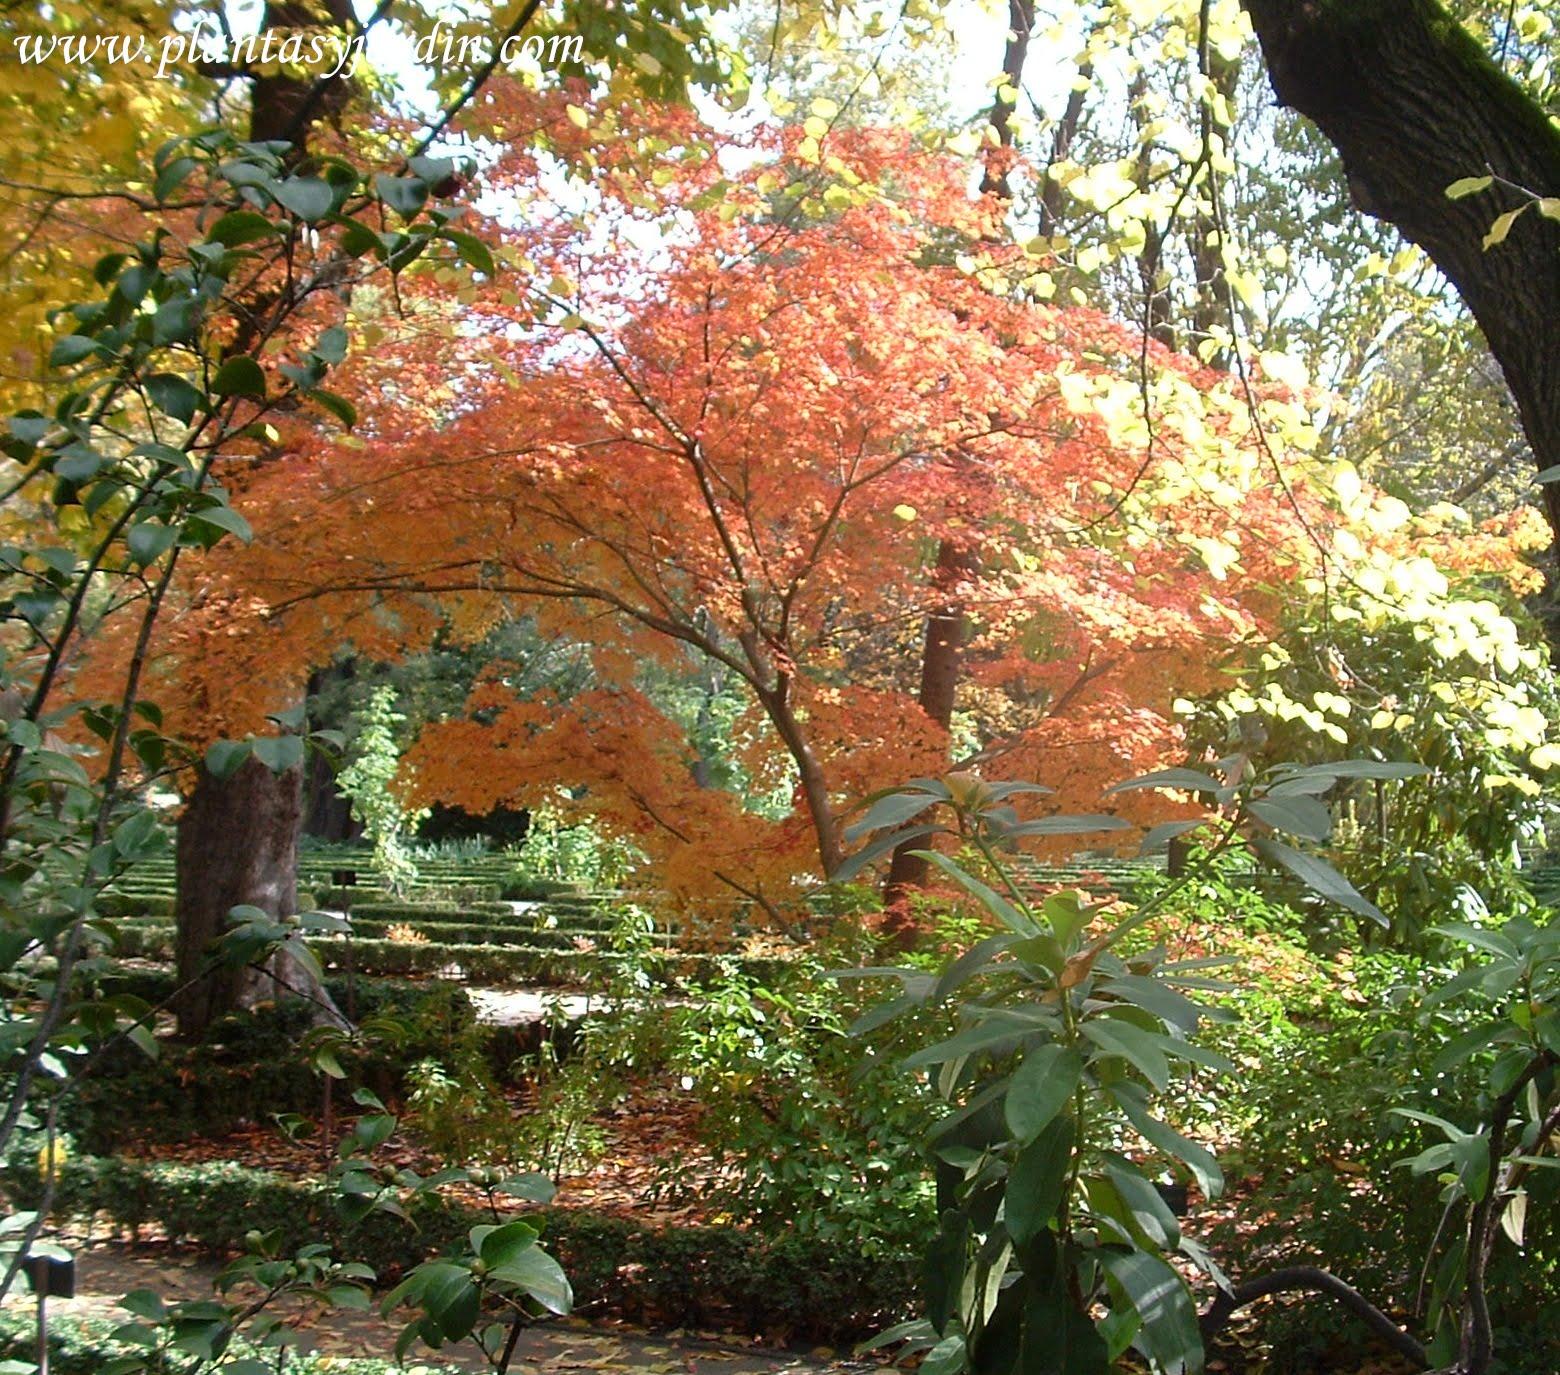 Arbustos con atractivos colores oto ales plantas jard n for Plantas para jardin japones